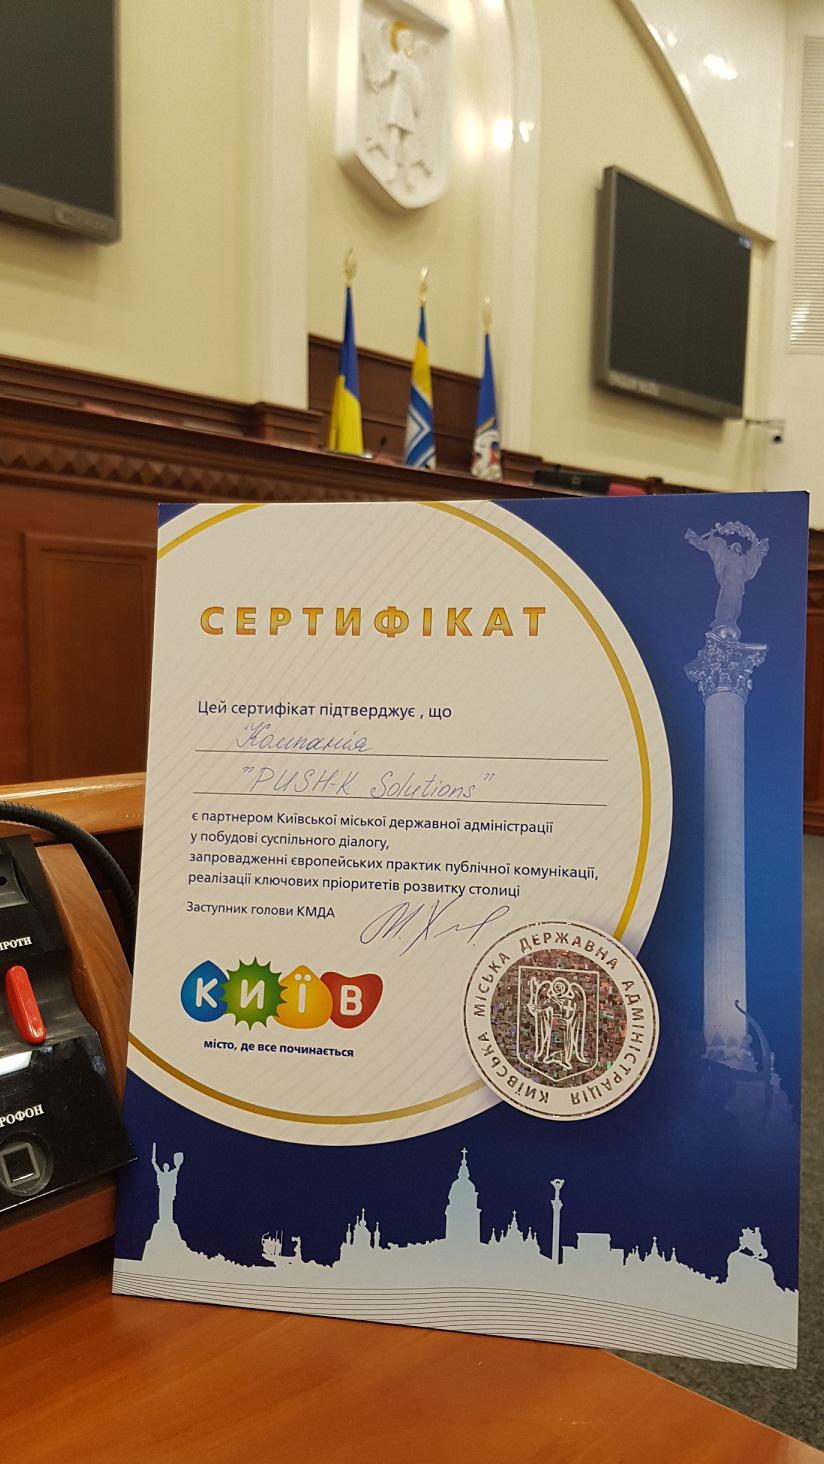 компанія PUSH-K Solutions є партнером Київської міської державної адміністрації